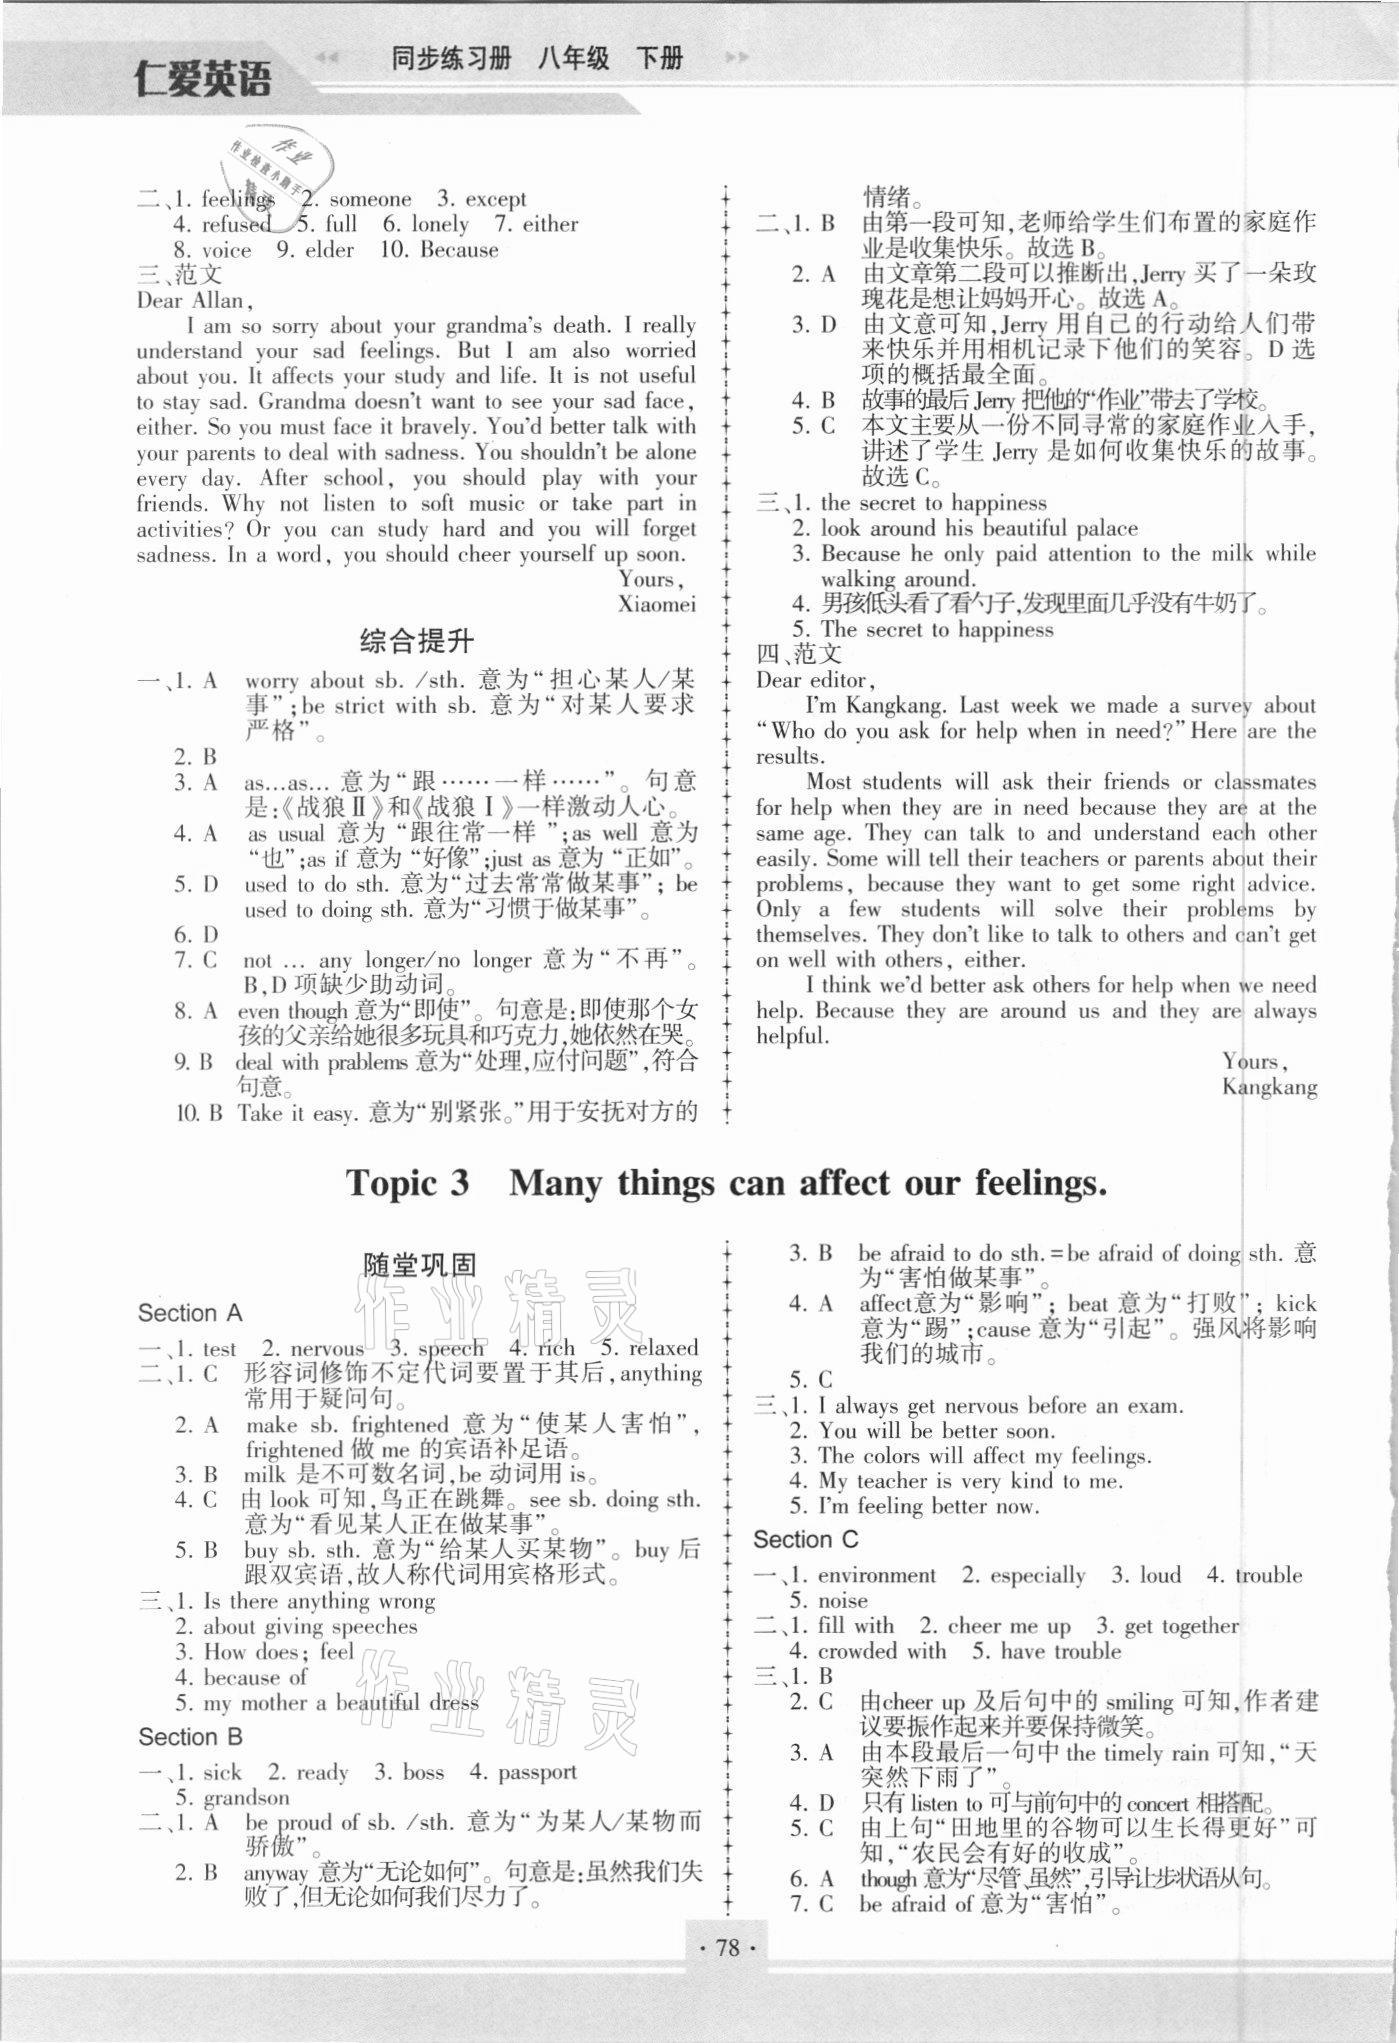 2021年仁爱英语同步练习册八年级下册仁爱版重庆专版参考答案第3页